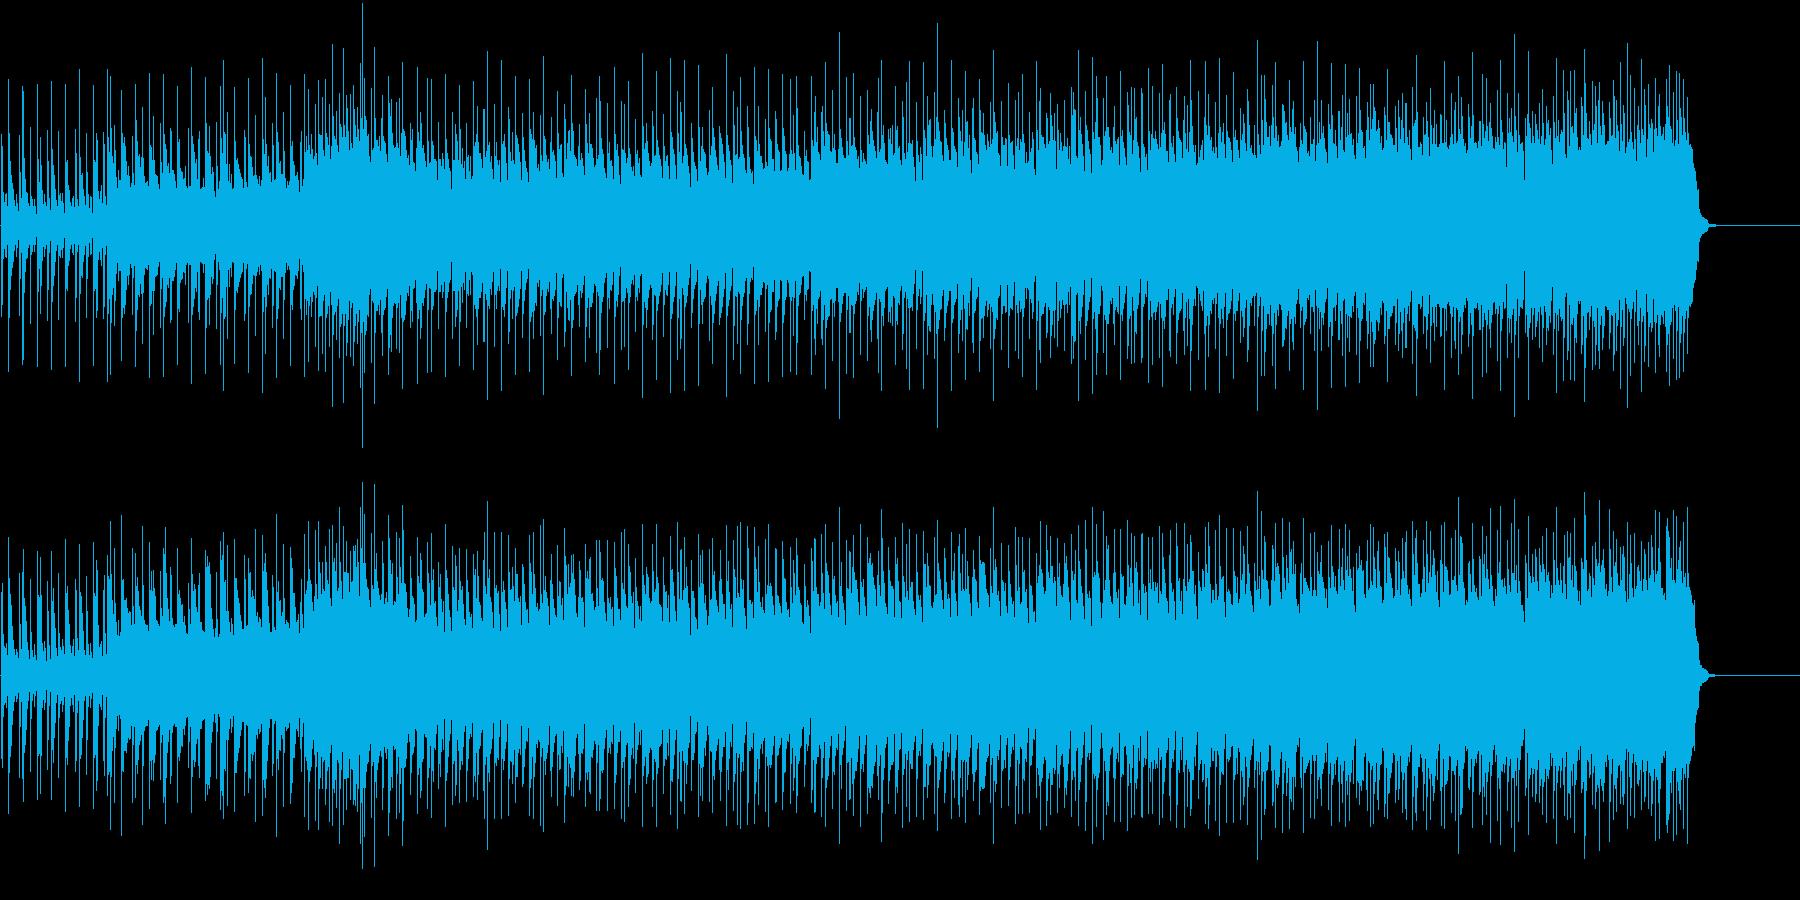 ピアノをフィーチャーしたハード・ポップの再生済みの波形